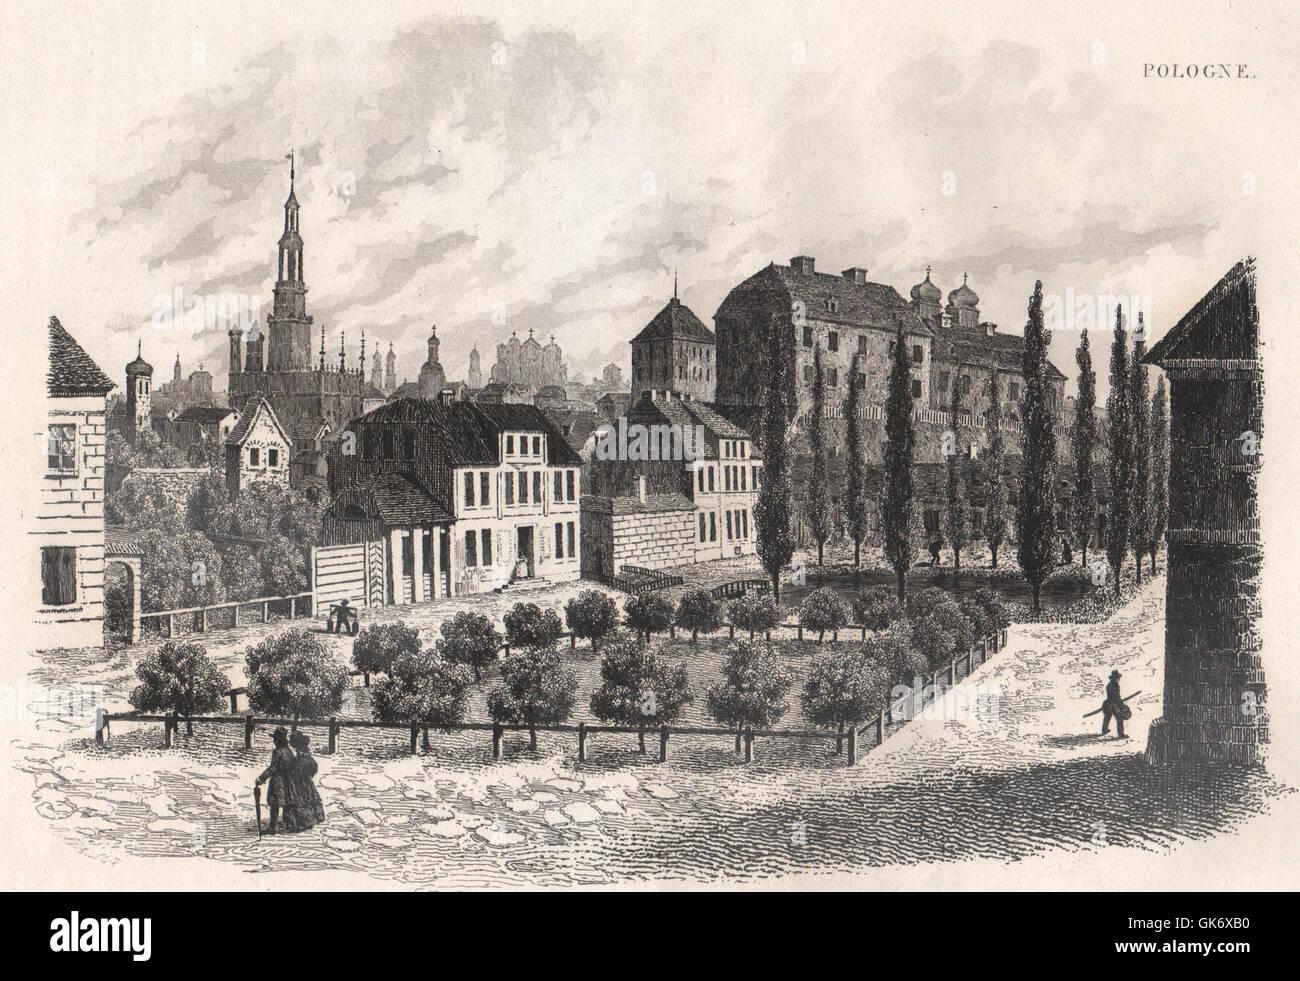 Poznan (Posen). Poland, antique print 1835 - Stock Image